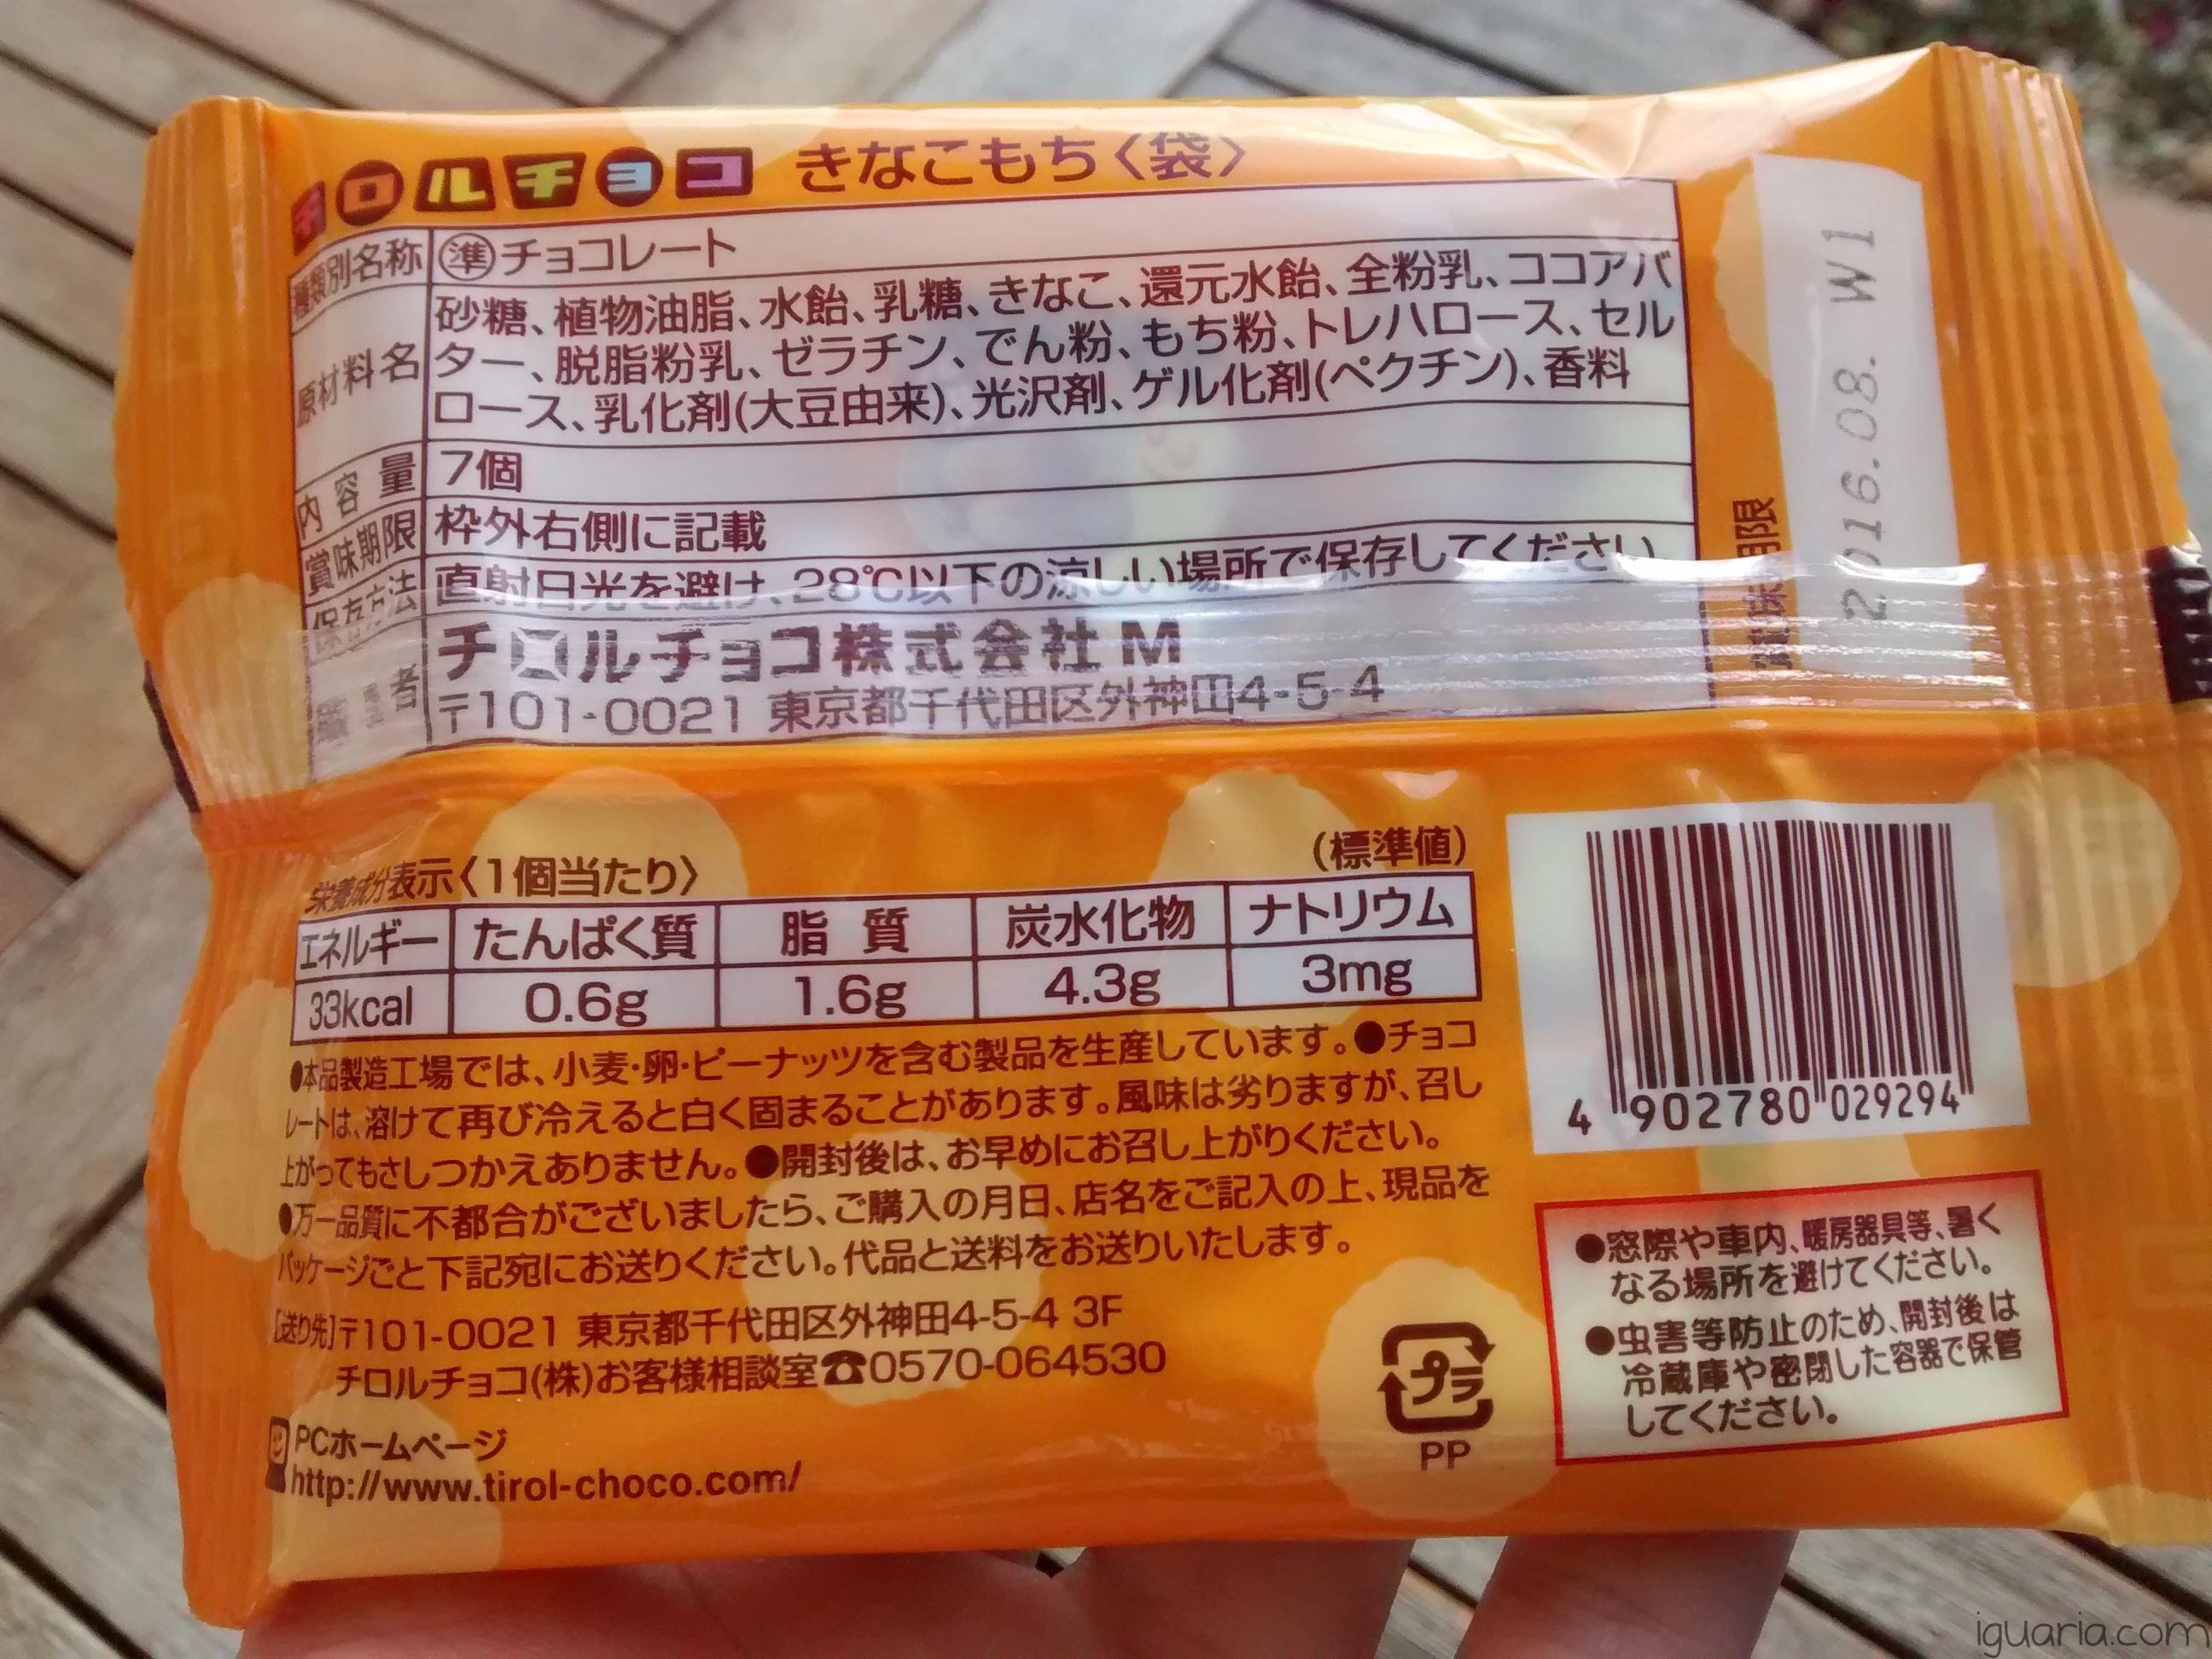 Iguaria_Legenda-Chocolate-Amendoim